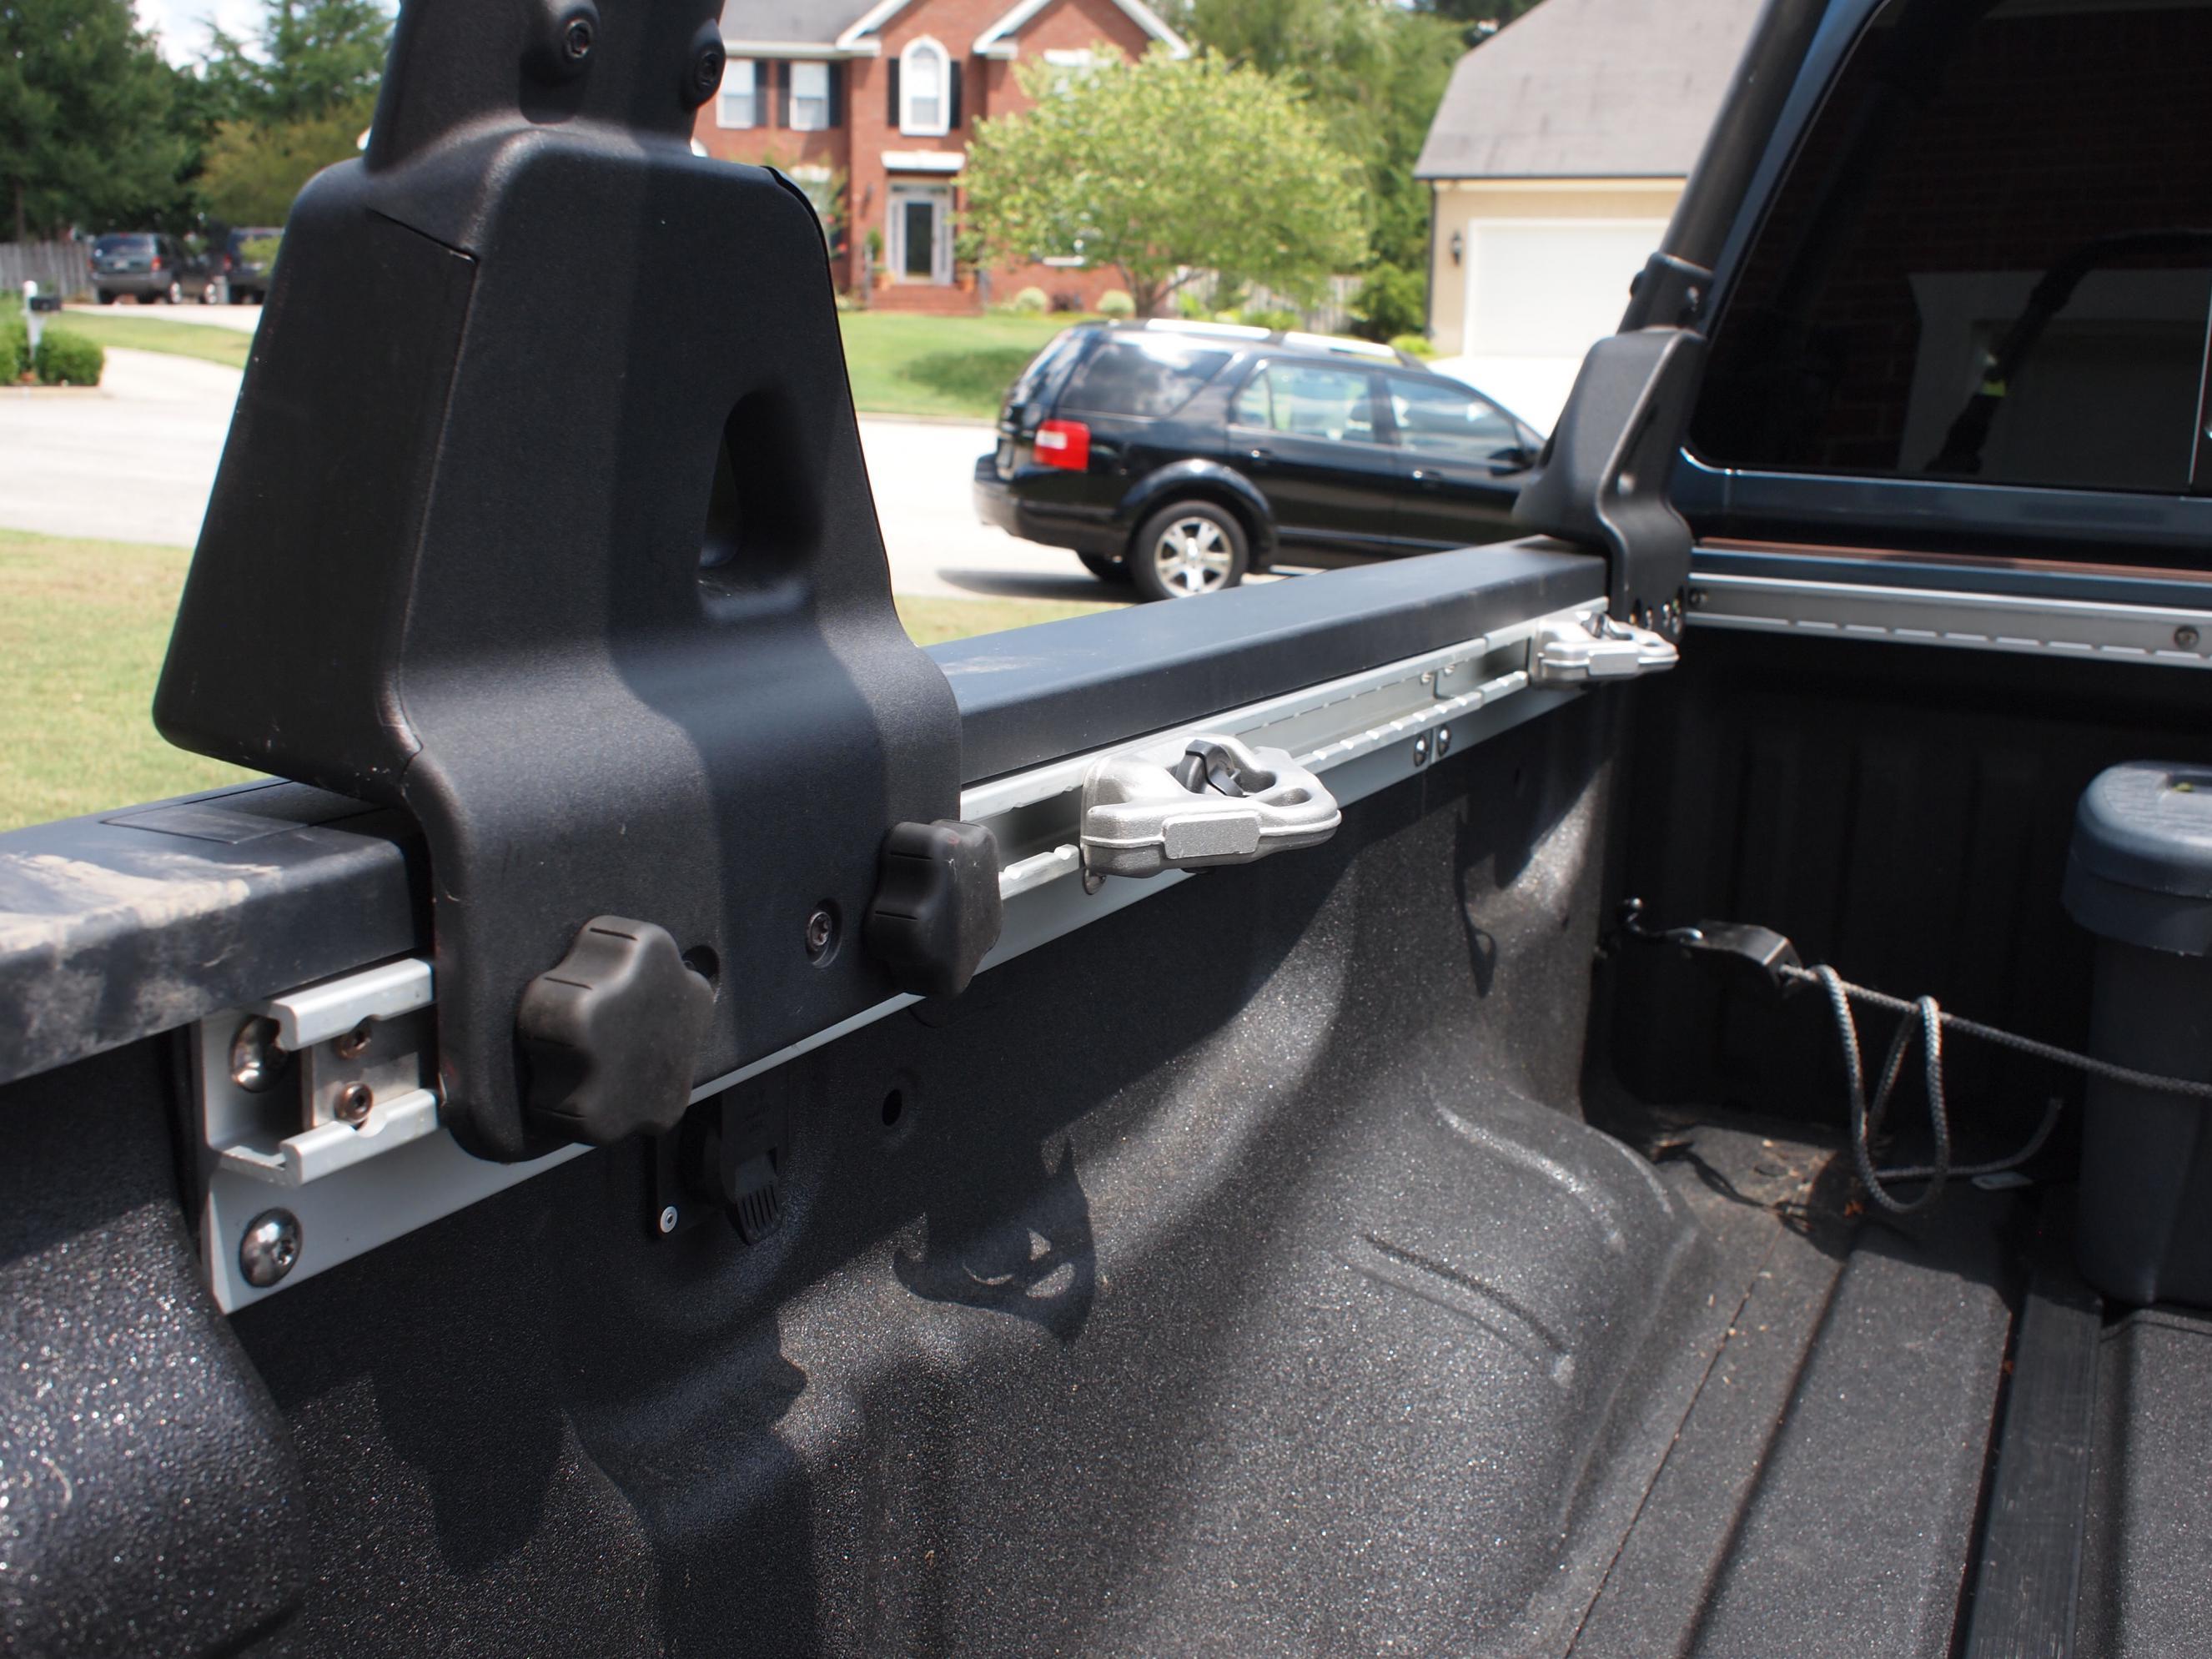 Utili Track Overhead Rack Nissan Titan Forum